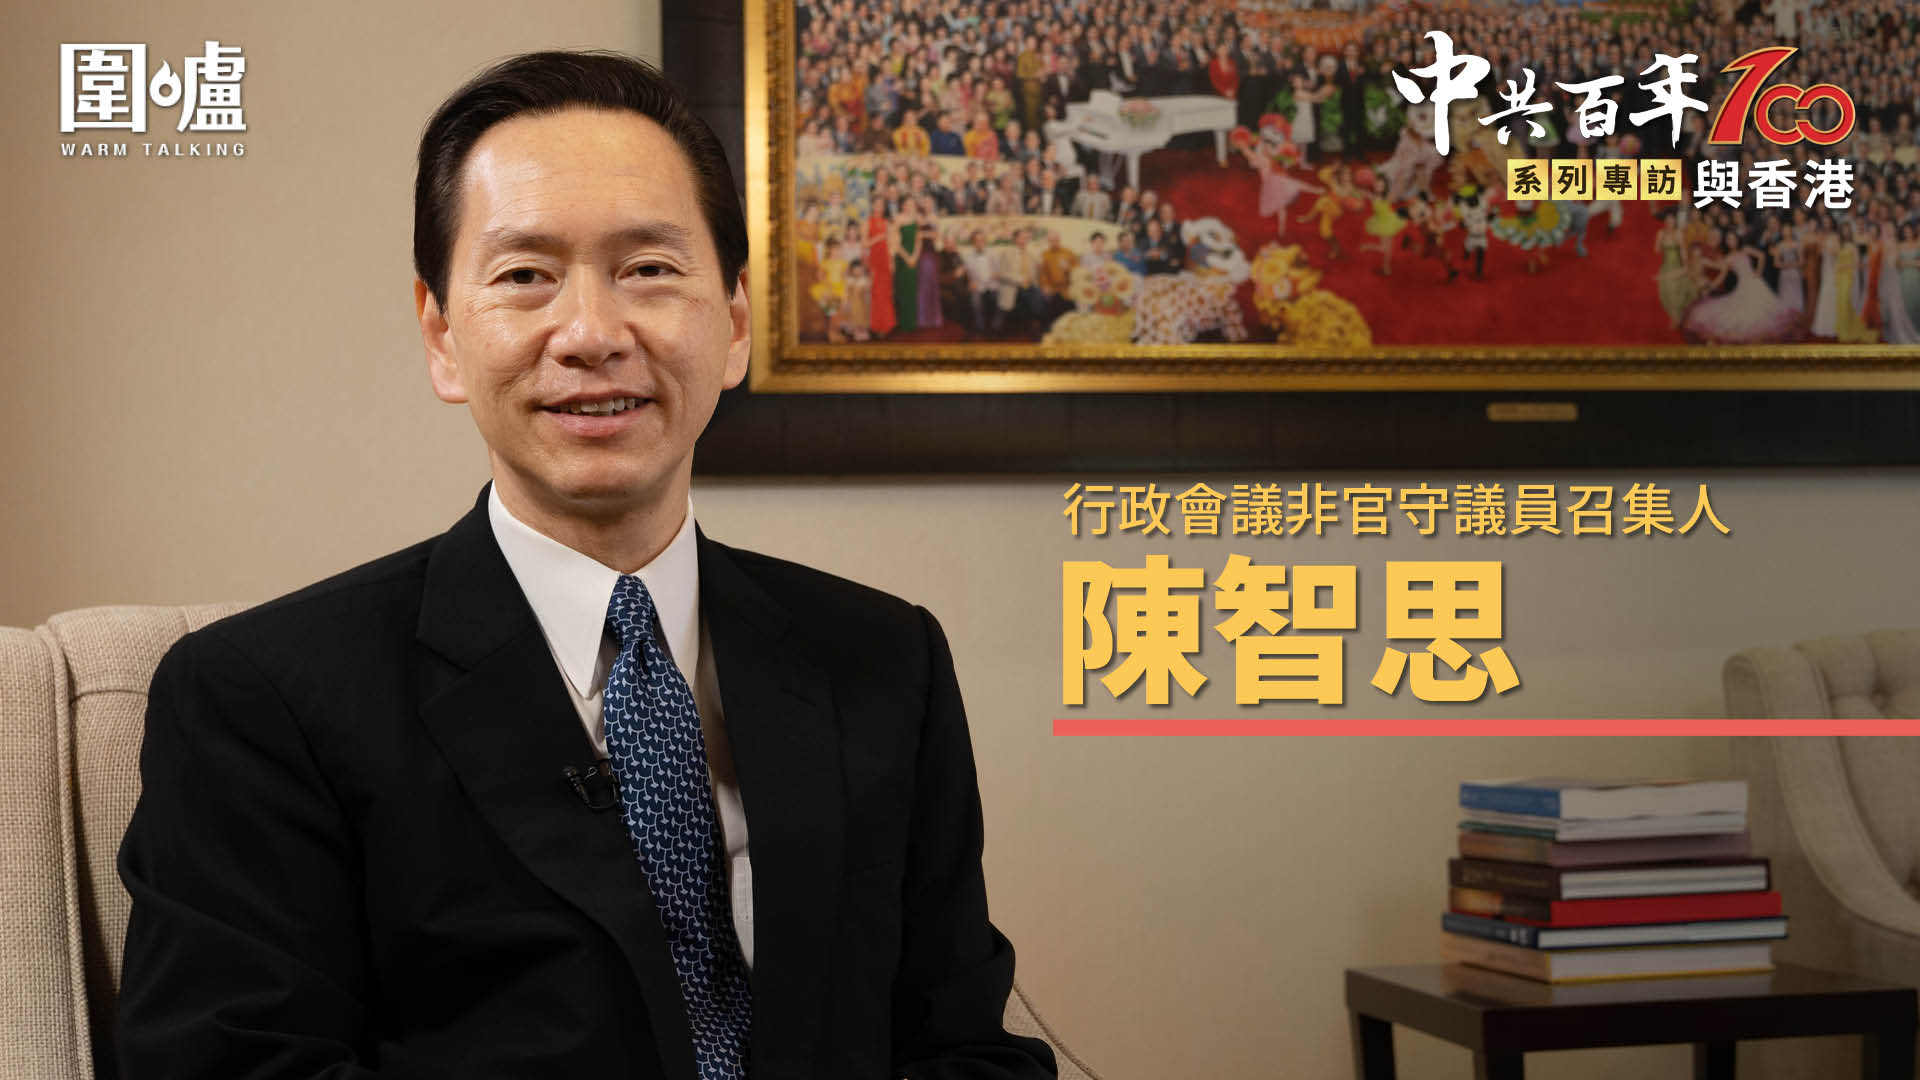 【專訪】陳智思:國家改革開放經濟實力飆升 香港應珍惜機遇融入國家發展大局